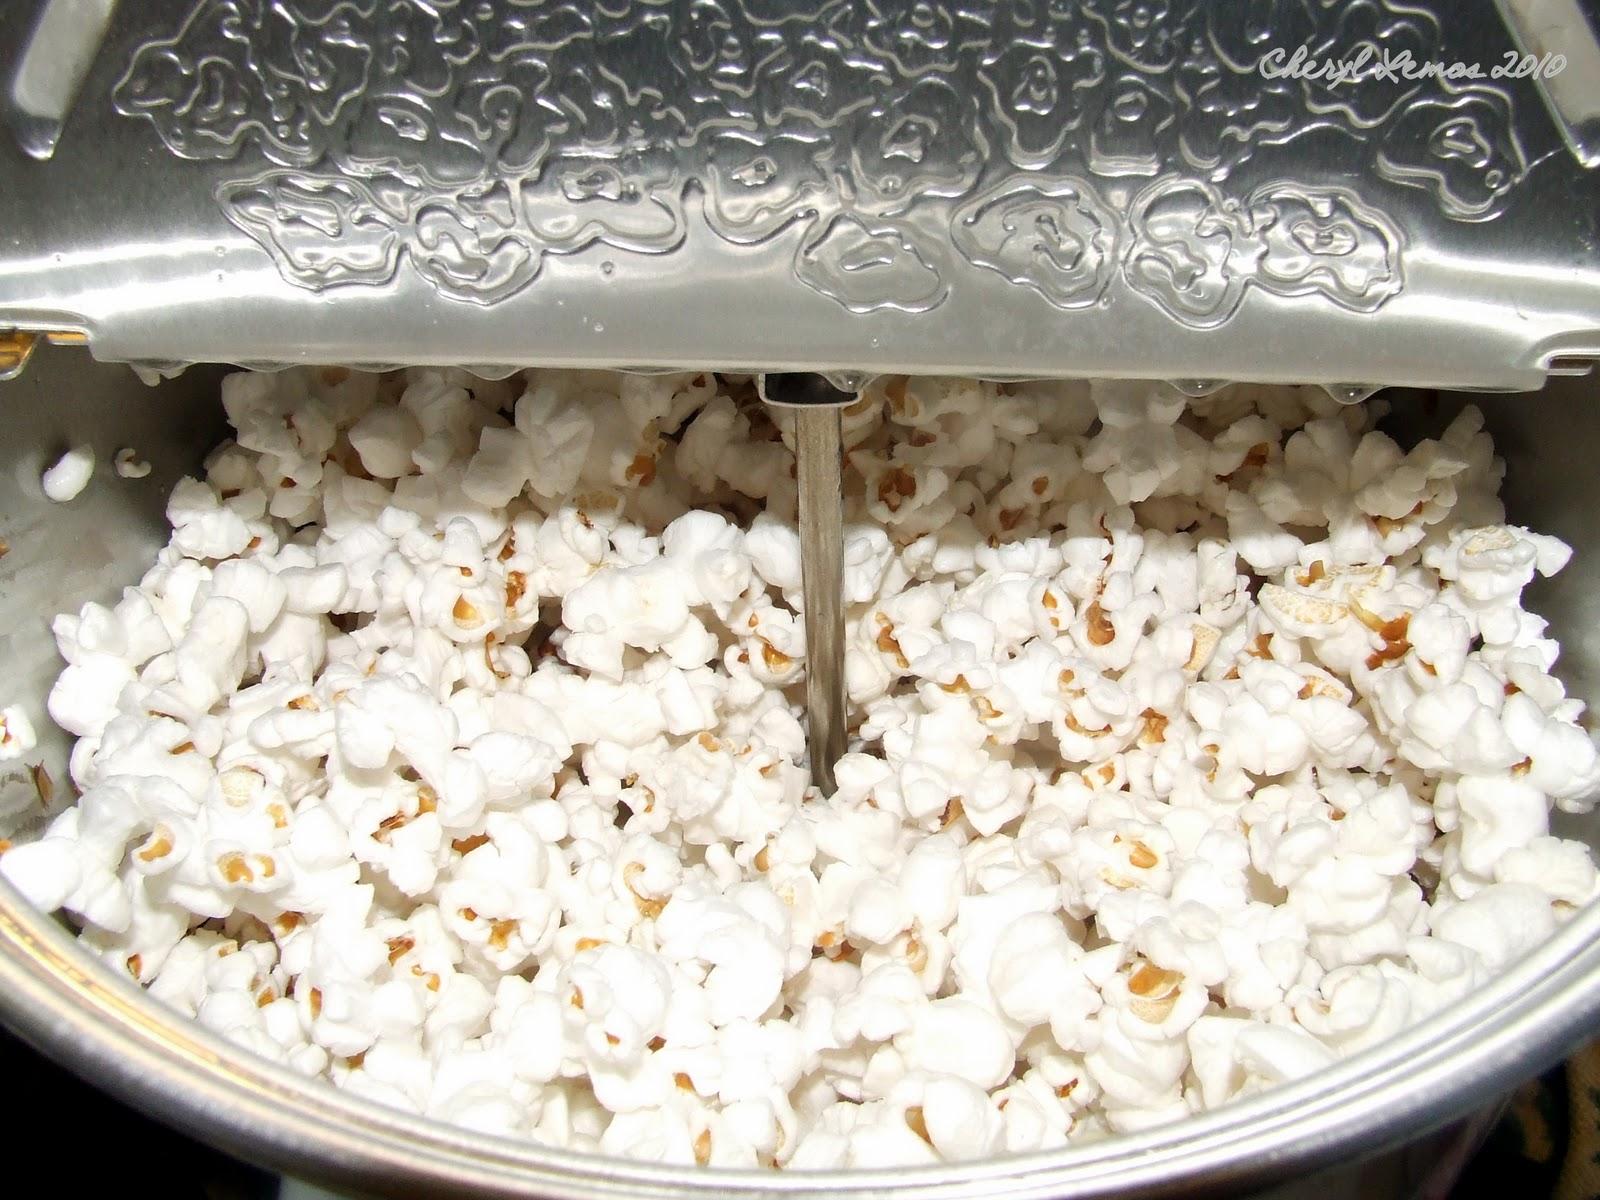 http://1.bp.blogspot.com/_9g1Ege5PHsE/TQZ5zn44bzI/AAAAAAAADAc/cOwq4Hp0Hyc/s1600/Cookies+071.jpg